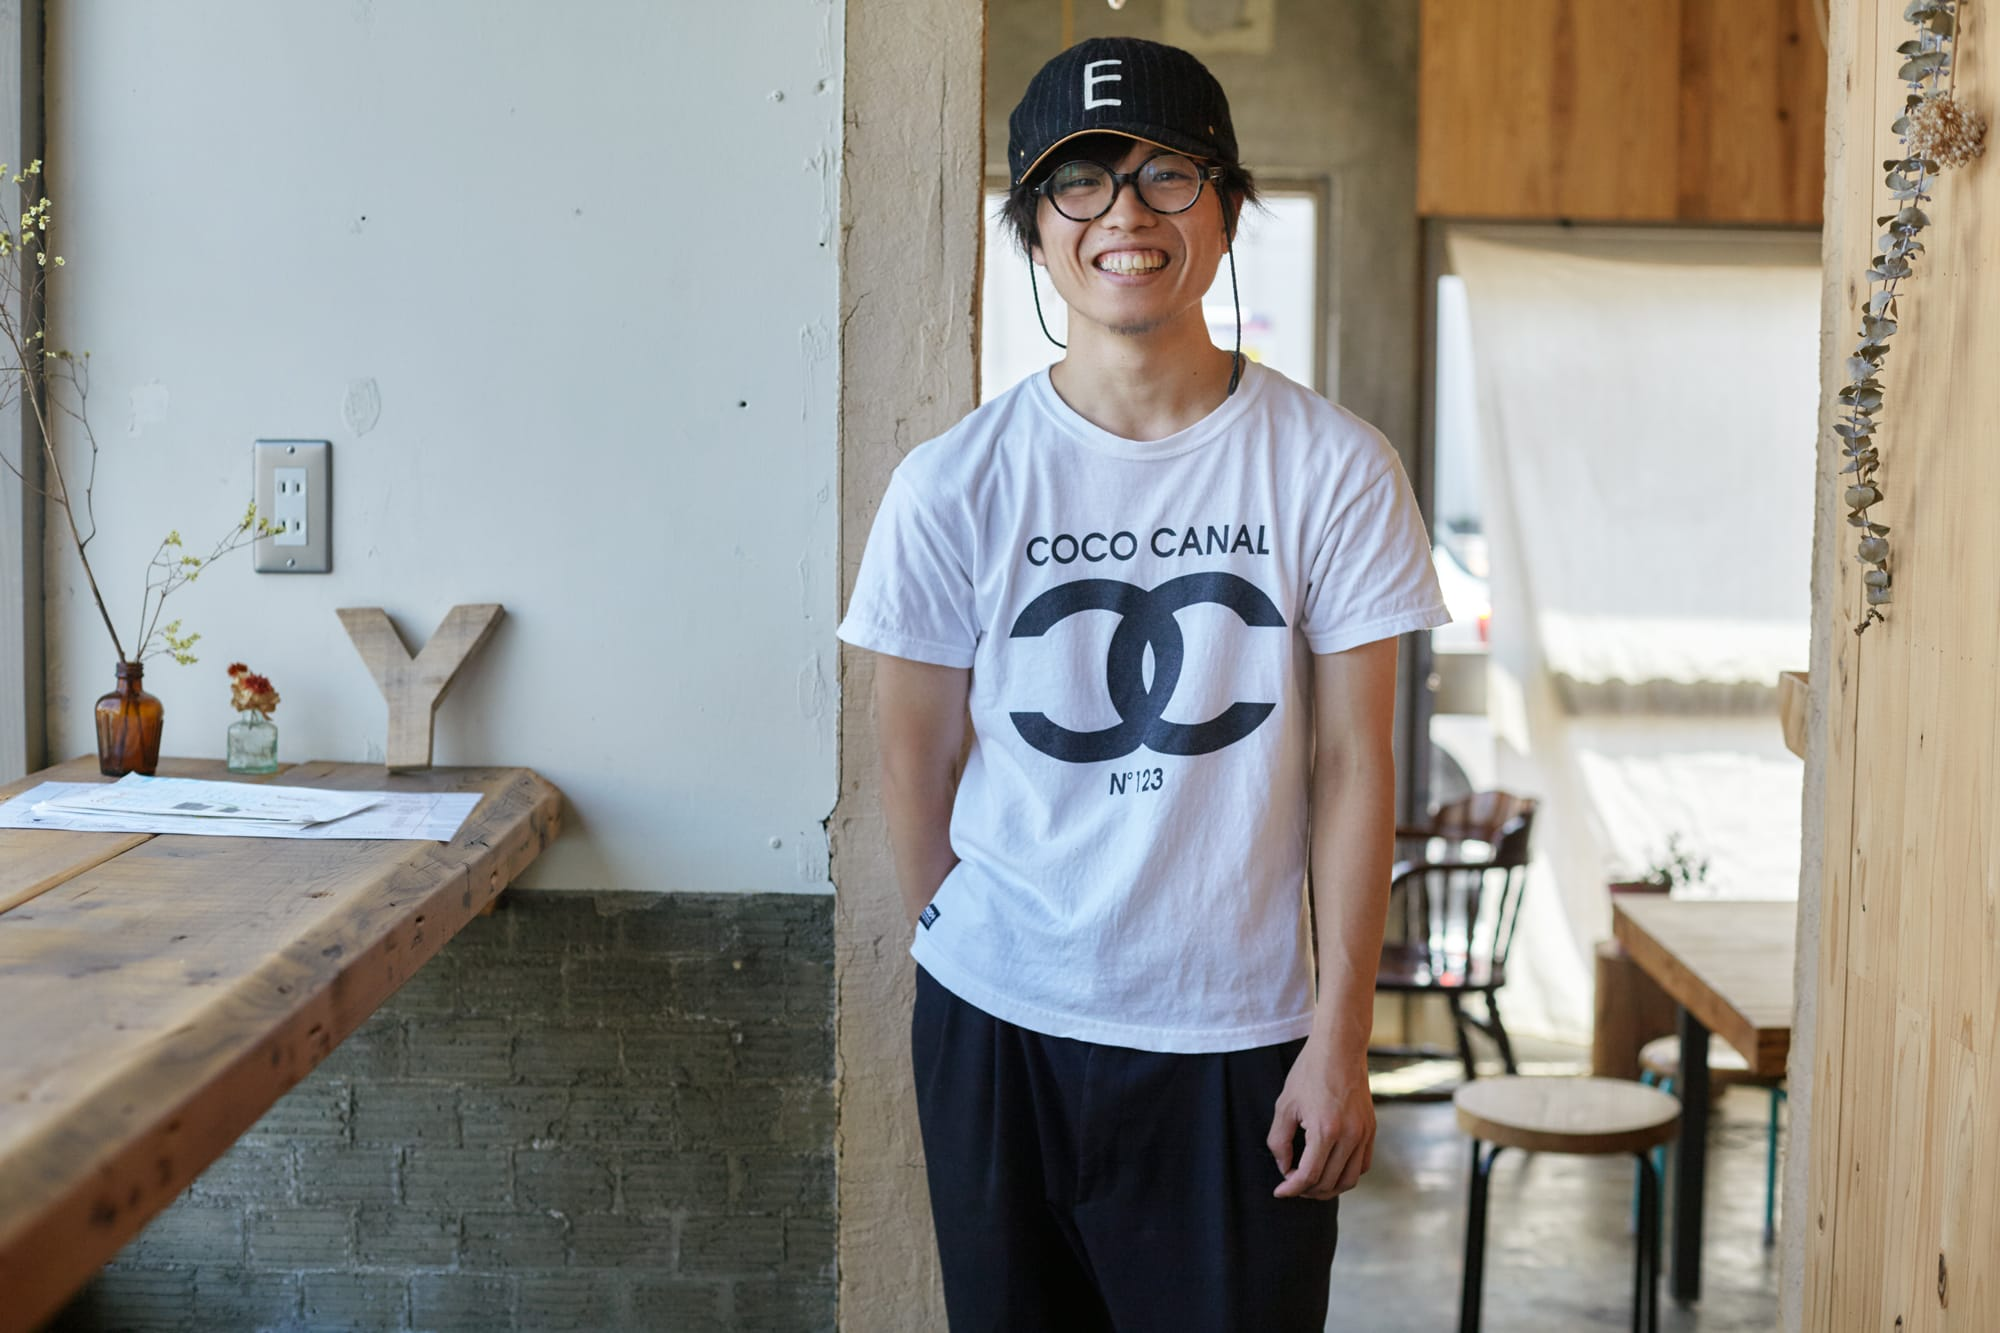 Yのスタッフ、小林巧三さん。「来年、Yの目の前に飲食店を開きます。ずっと店をやりたいと思っていたんですけれど、Yで働いたことが決め手になりましたね」